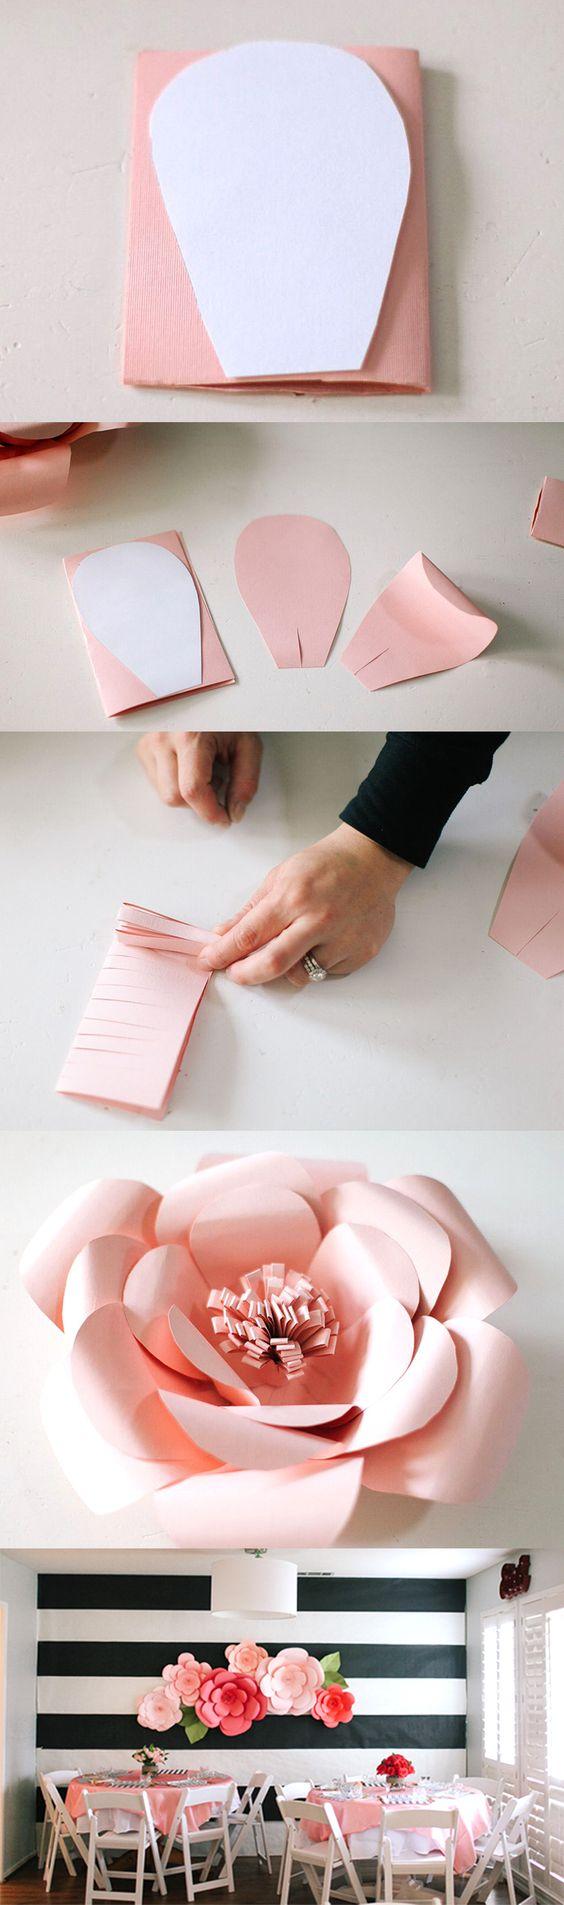 0-rosa-de-papel-gigante-pap